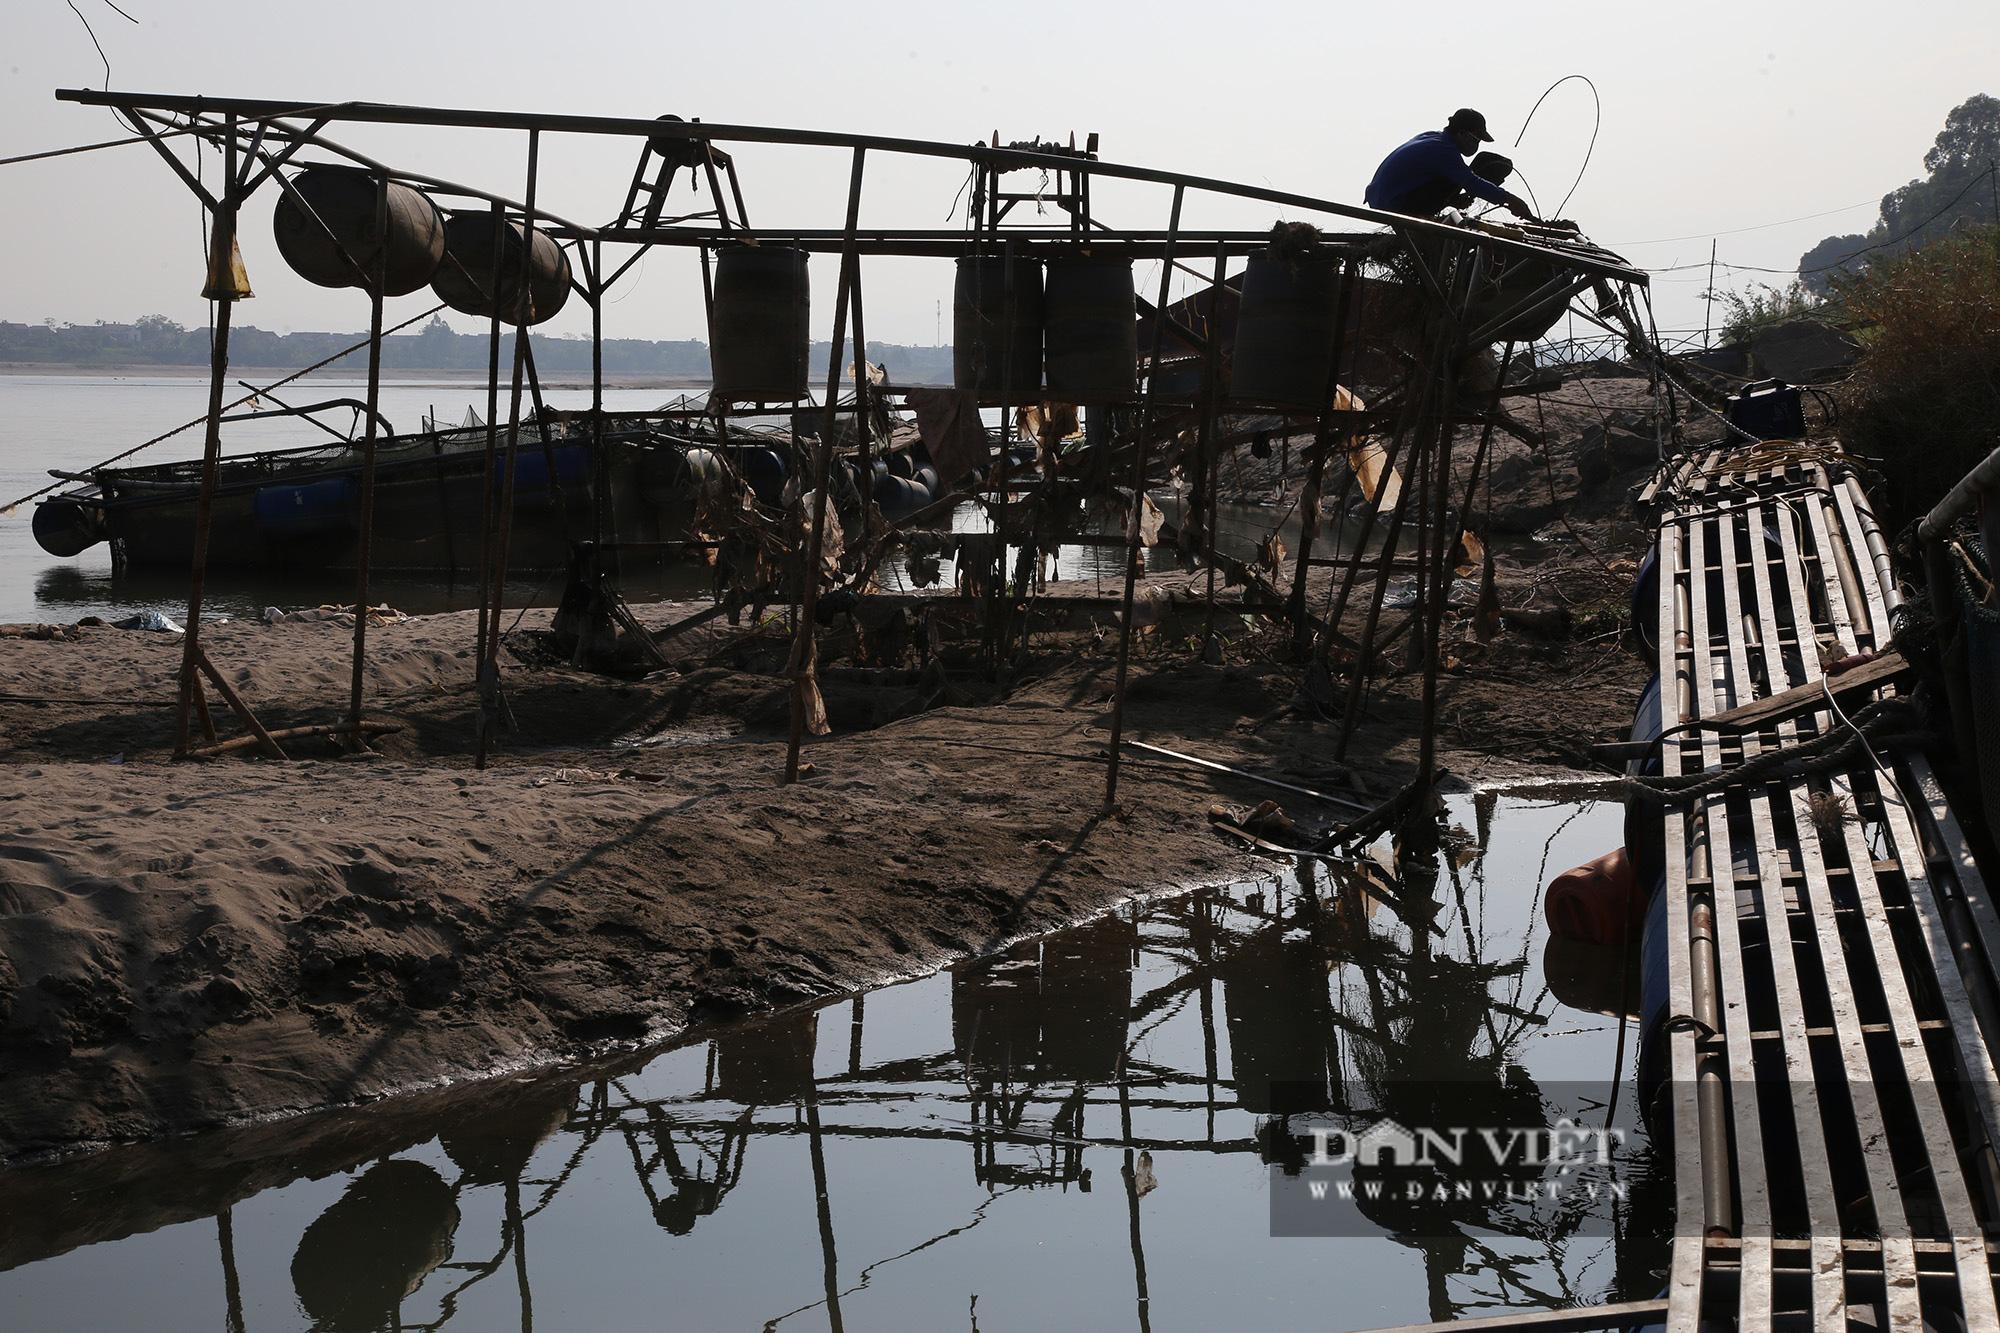 Dân nuôi cá trên sông Đà hút cát để cứu cá do nước sông cạn - Ảnh 4.